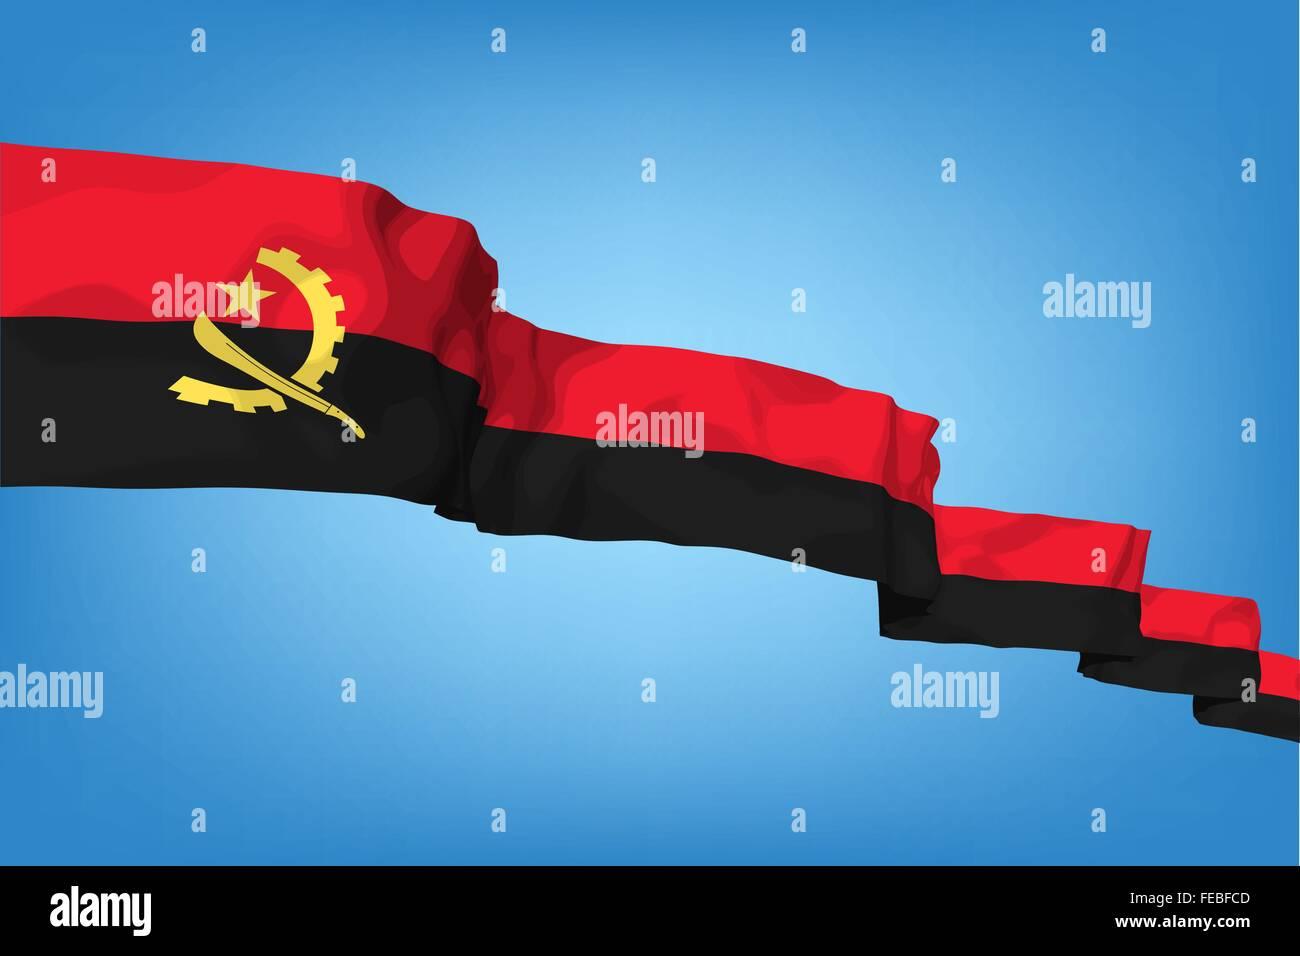 National flag of Angola - Stock Vector